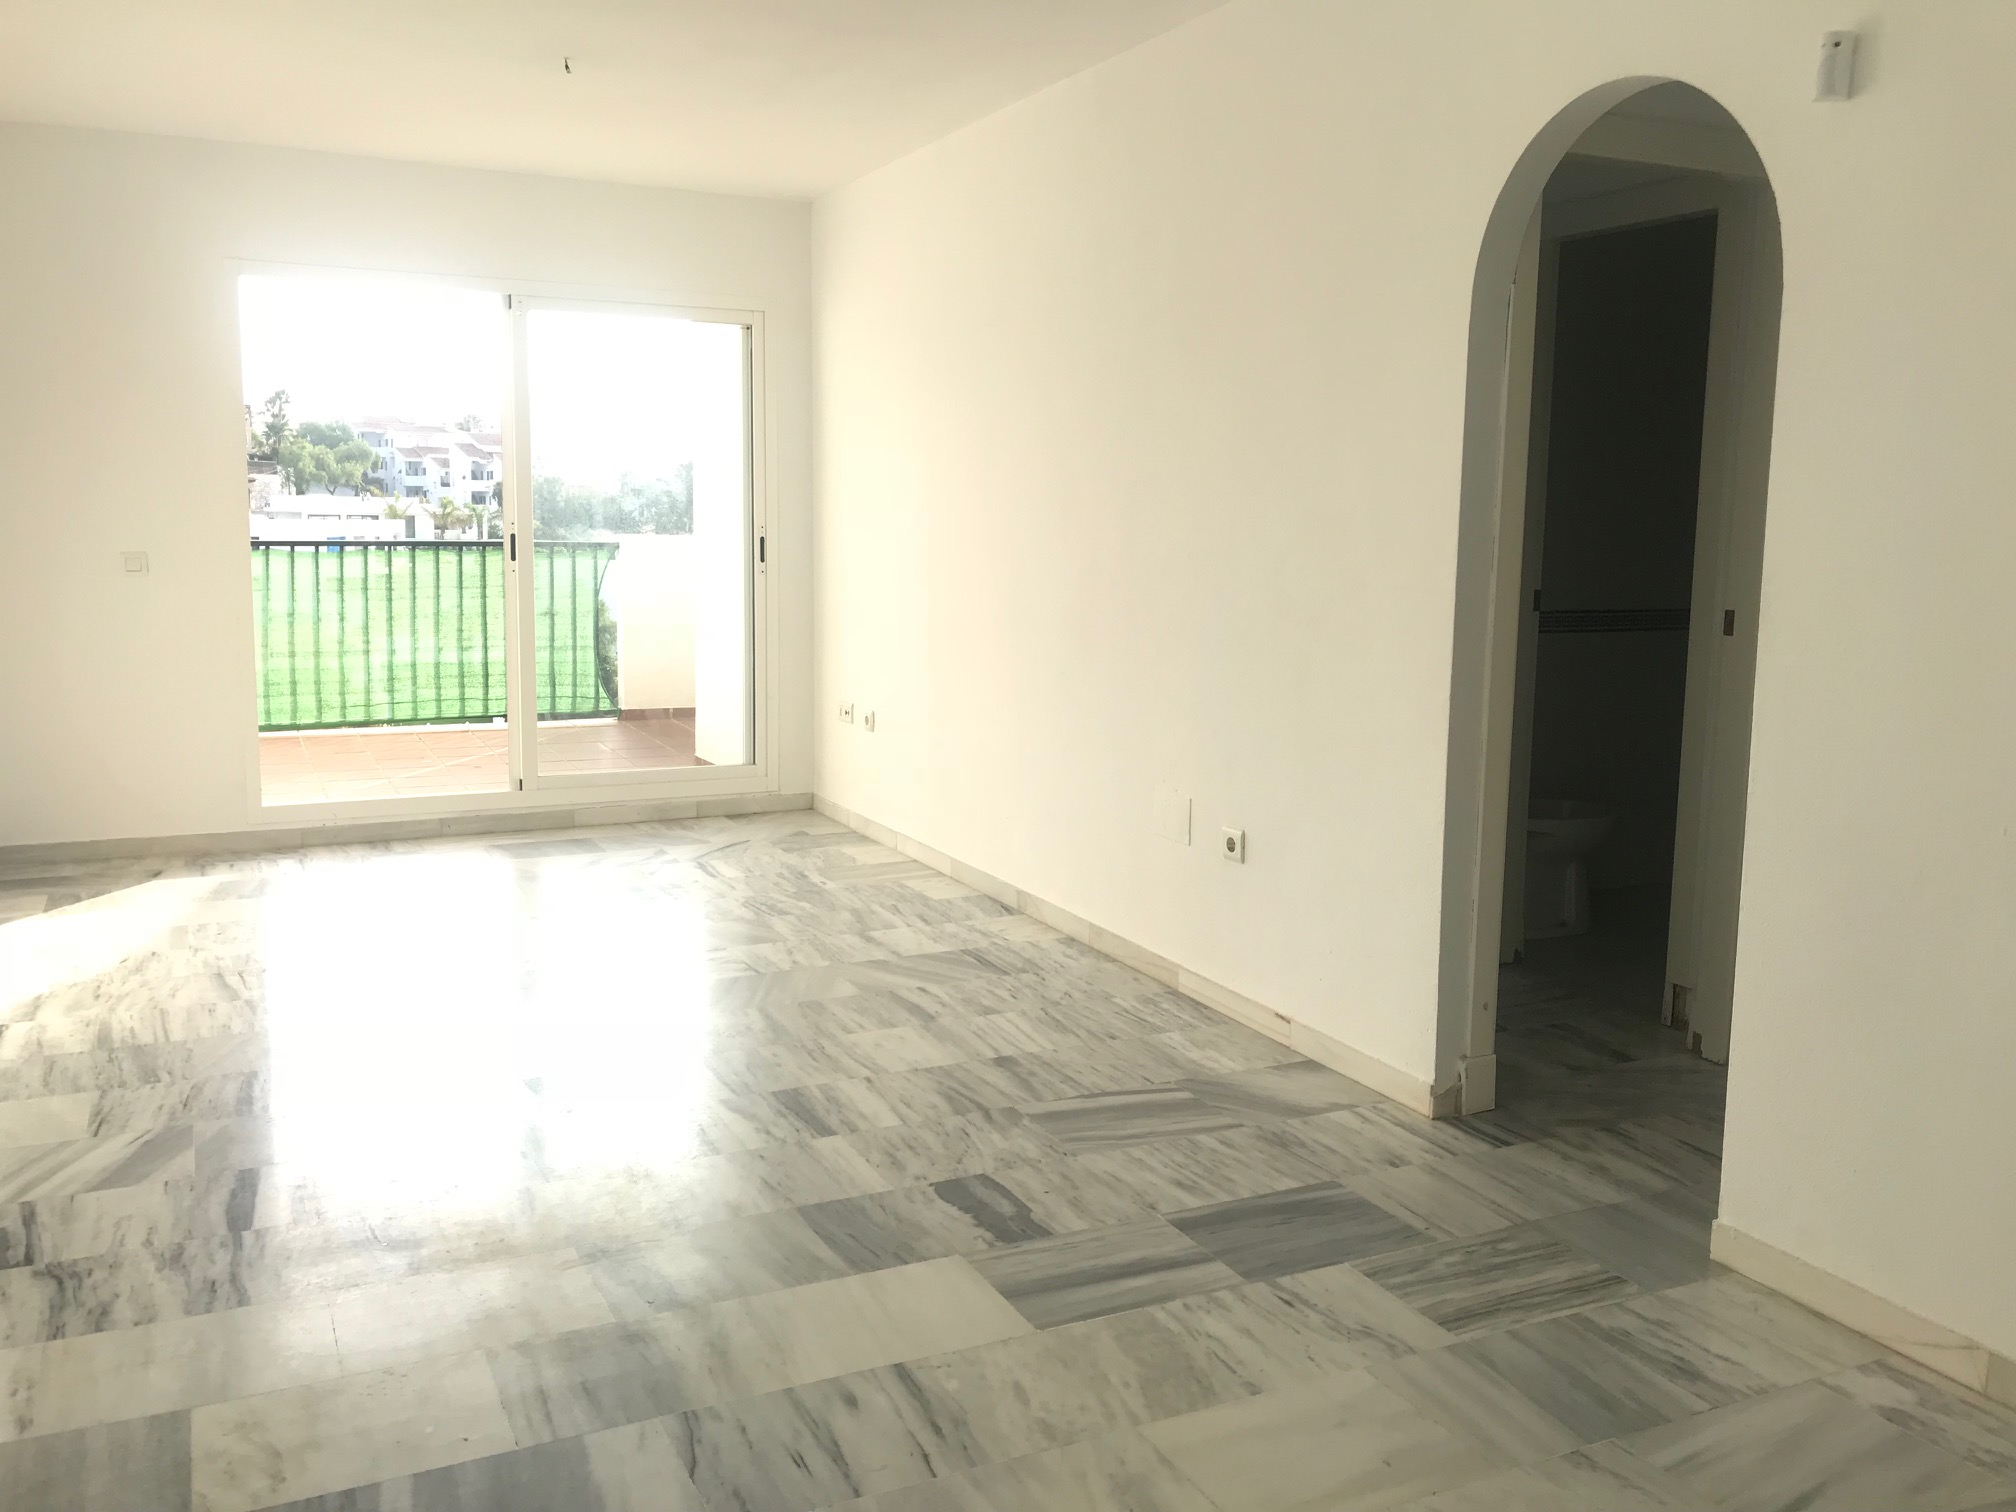 Piso en venta en Mijas, Málaga, Calle Geranio, 142.000 €, 2 habitaciones, 2 baños, 63 m2